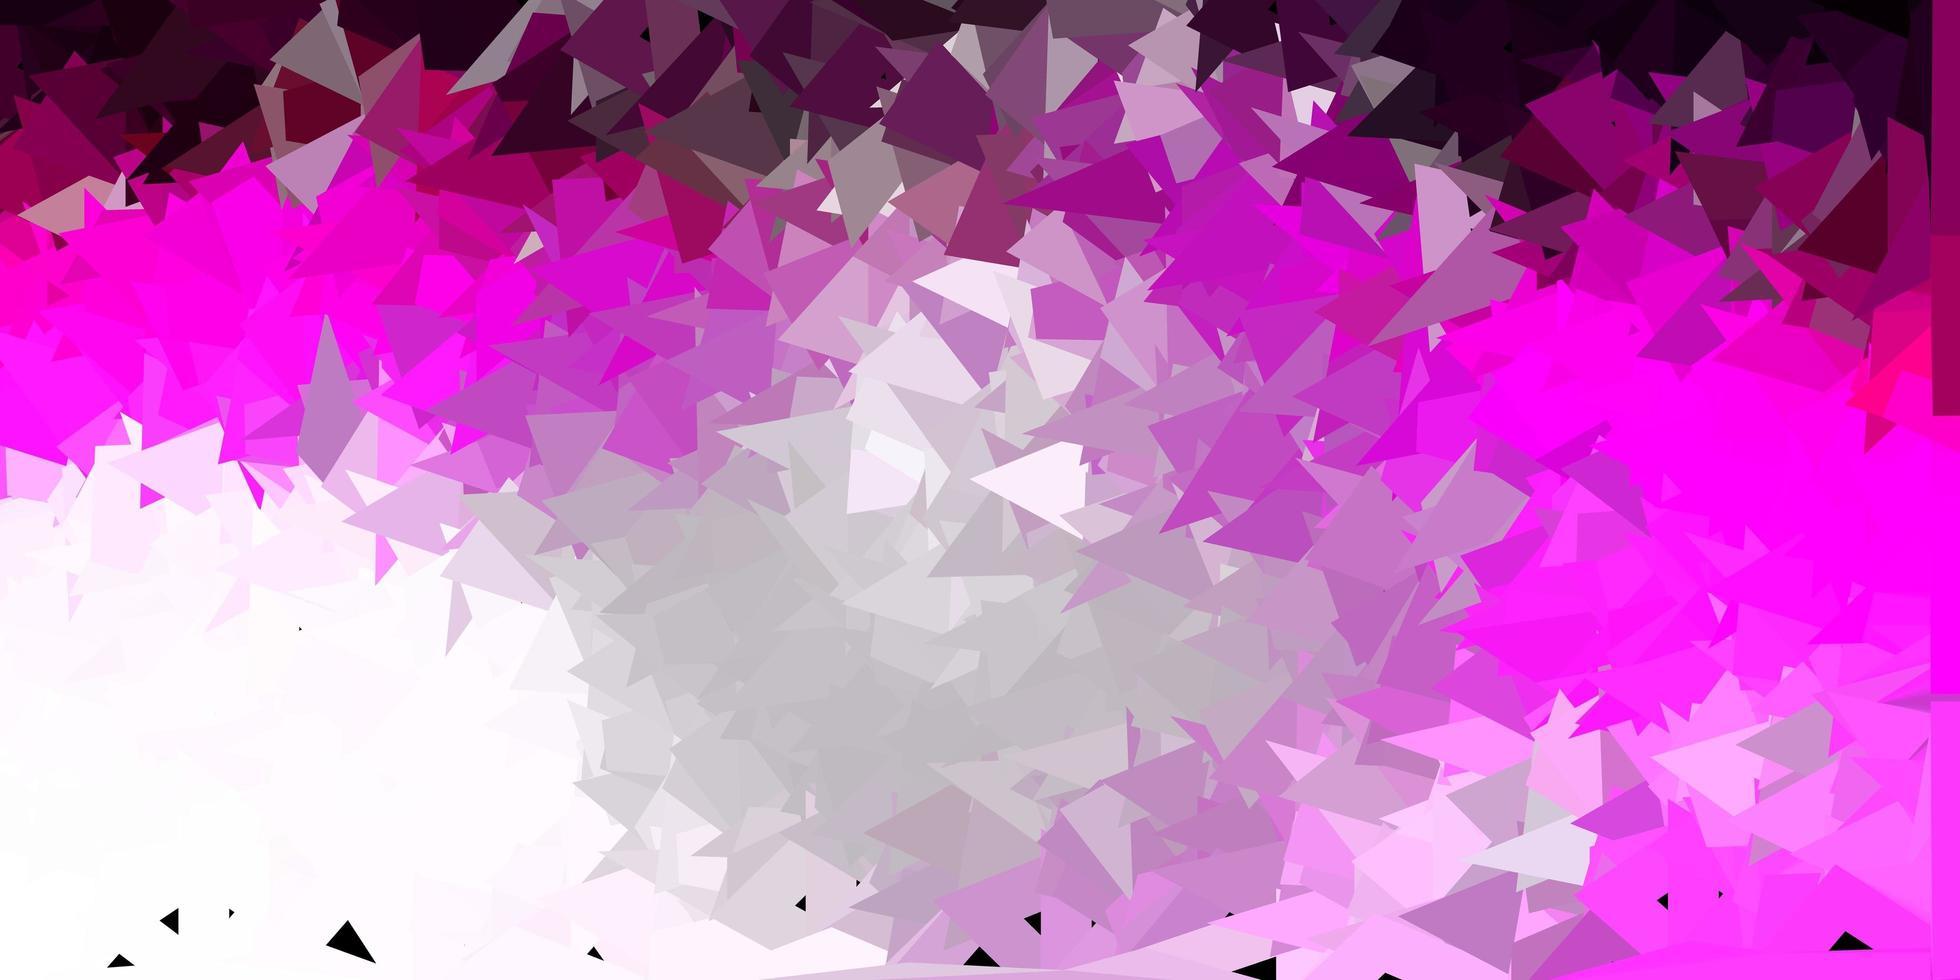 conception de polygone dégradé vecteur rose clair.